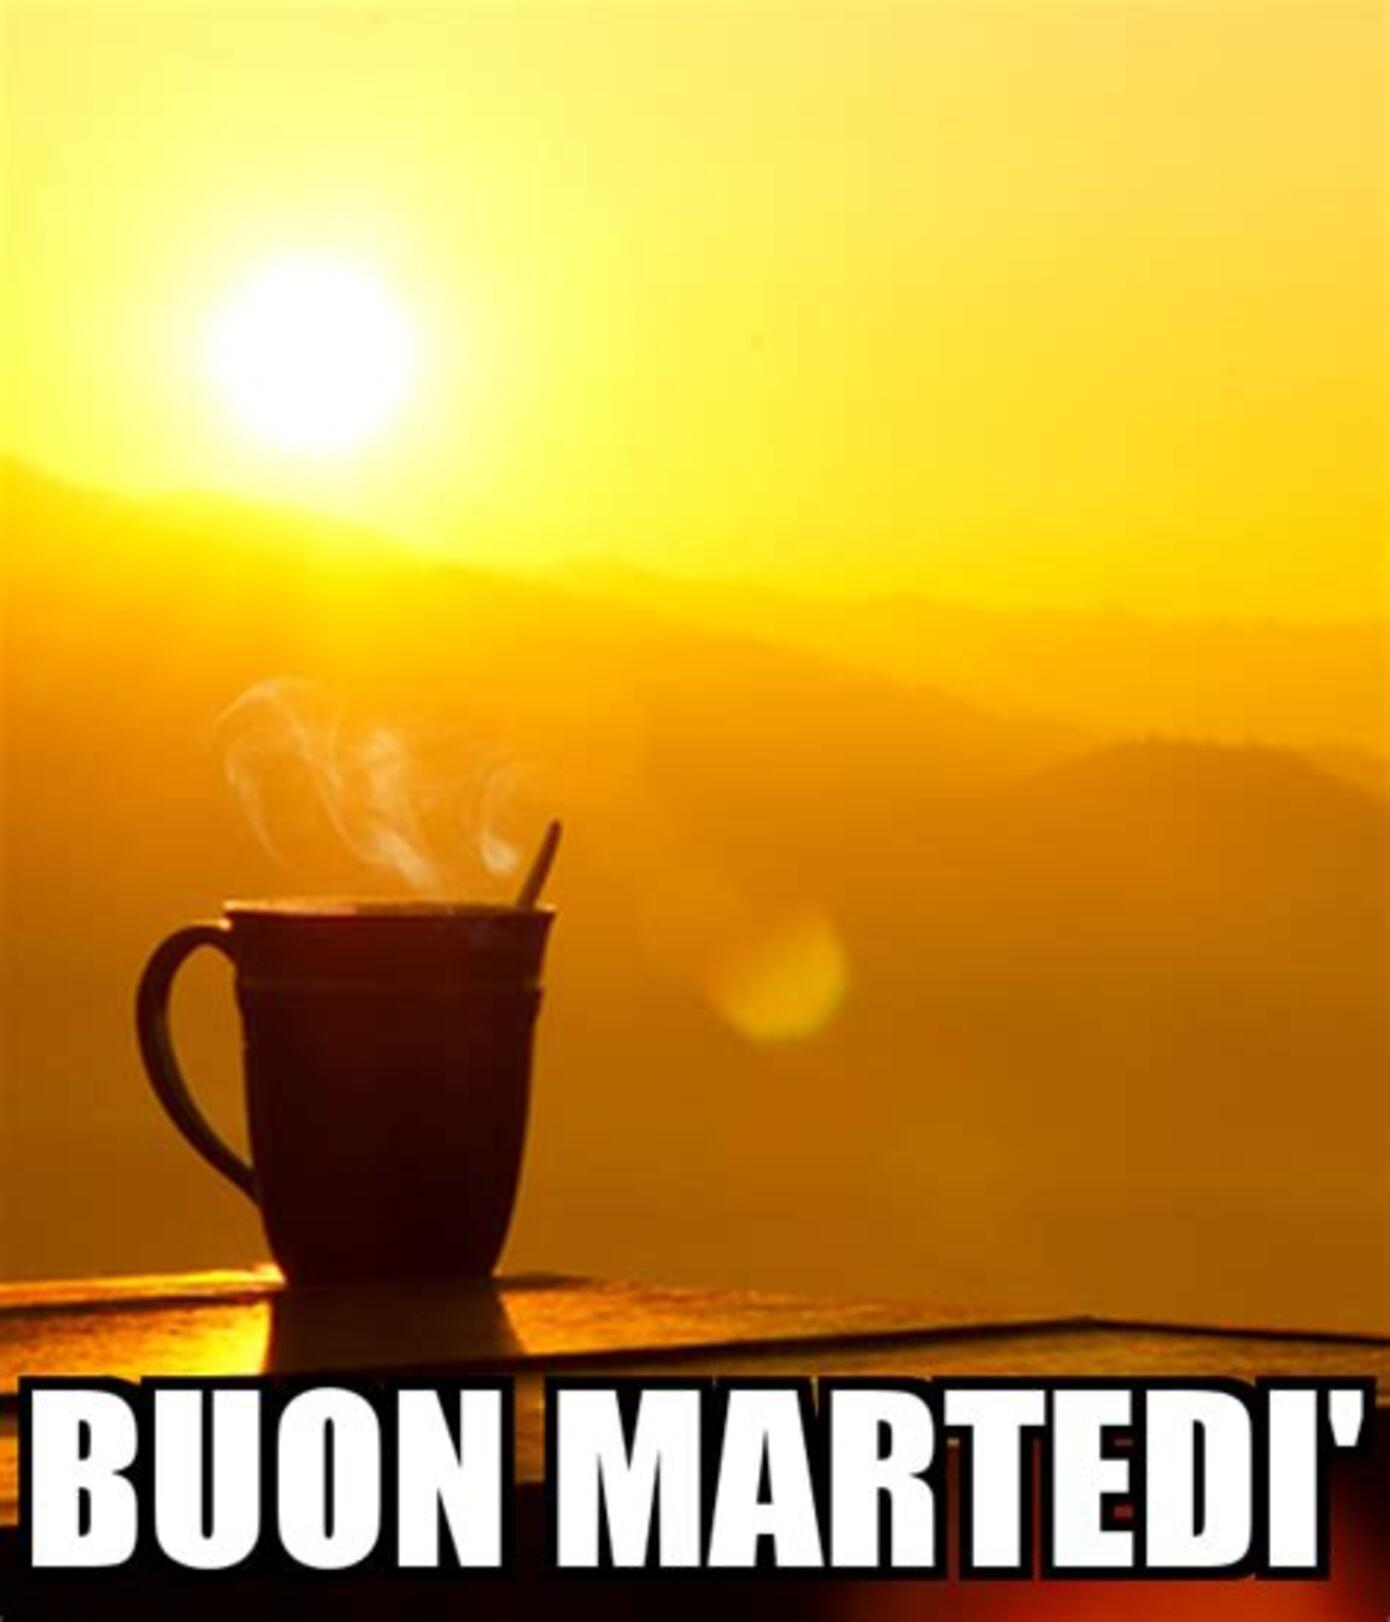 BUON MARTEDI'